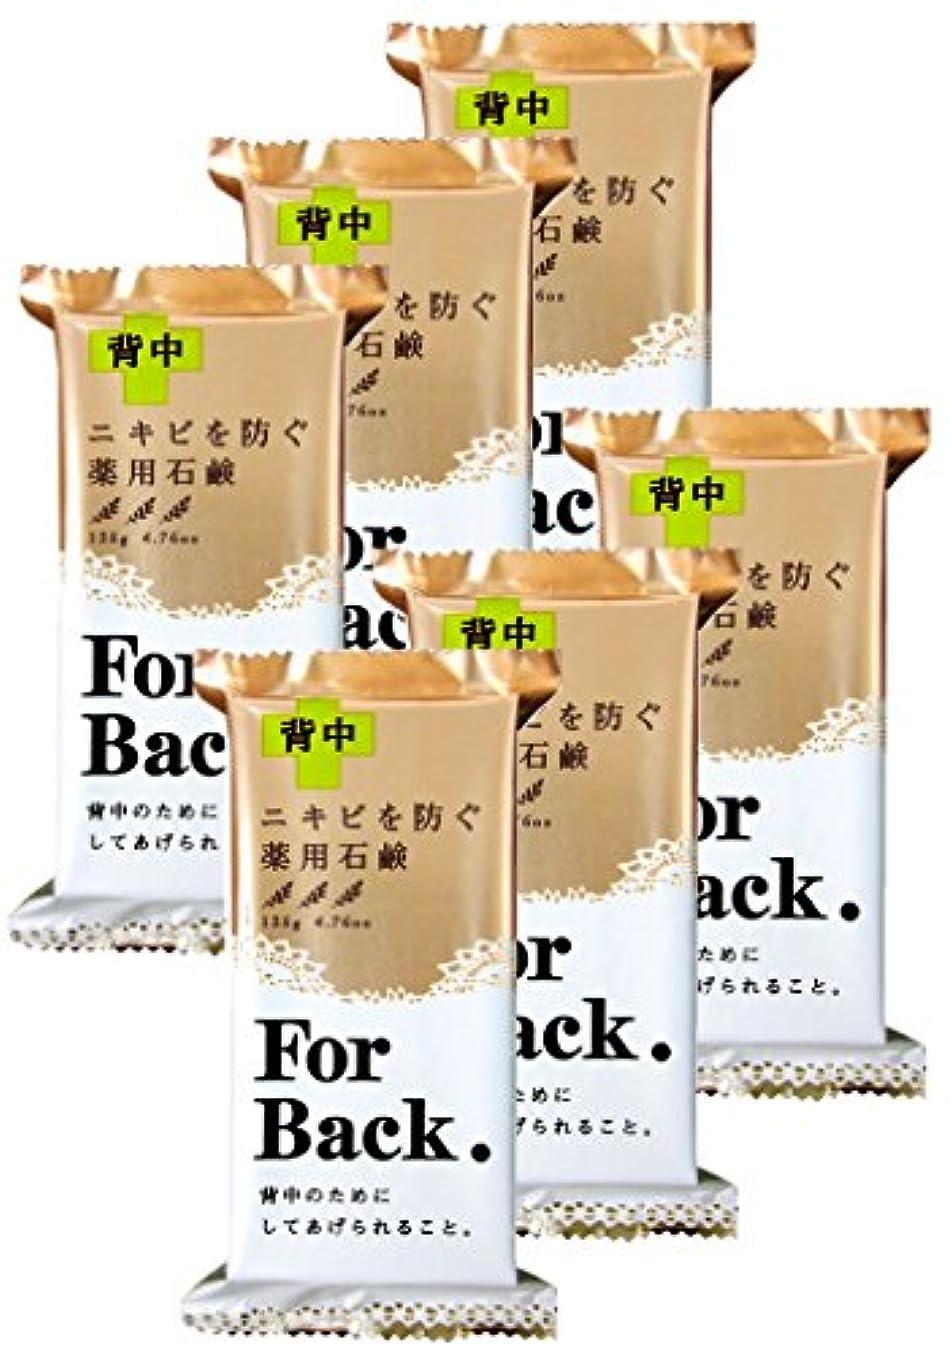 違う時期尚早忘れっぽいペリカン石鹸 薬用石鹸 ForBack 135g×6個